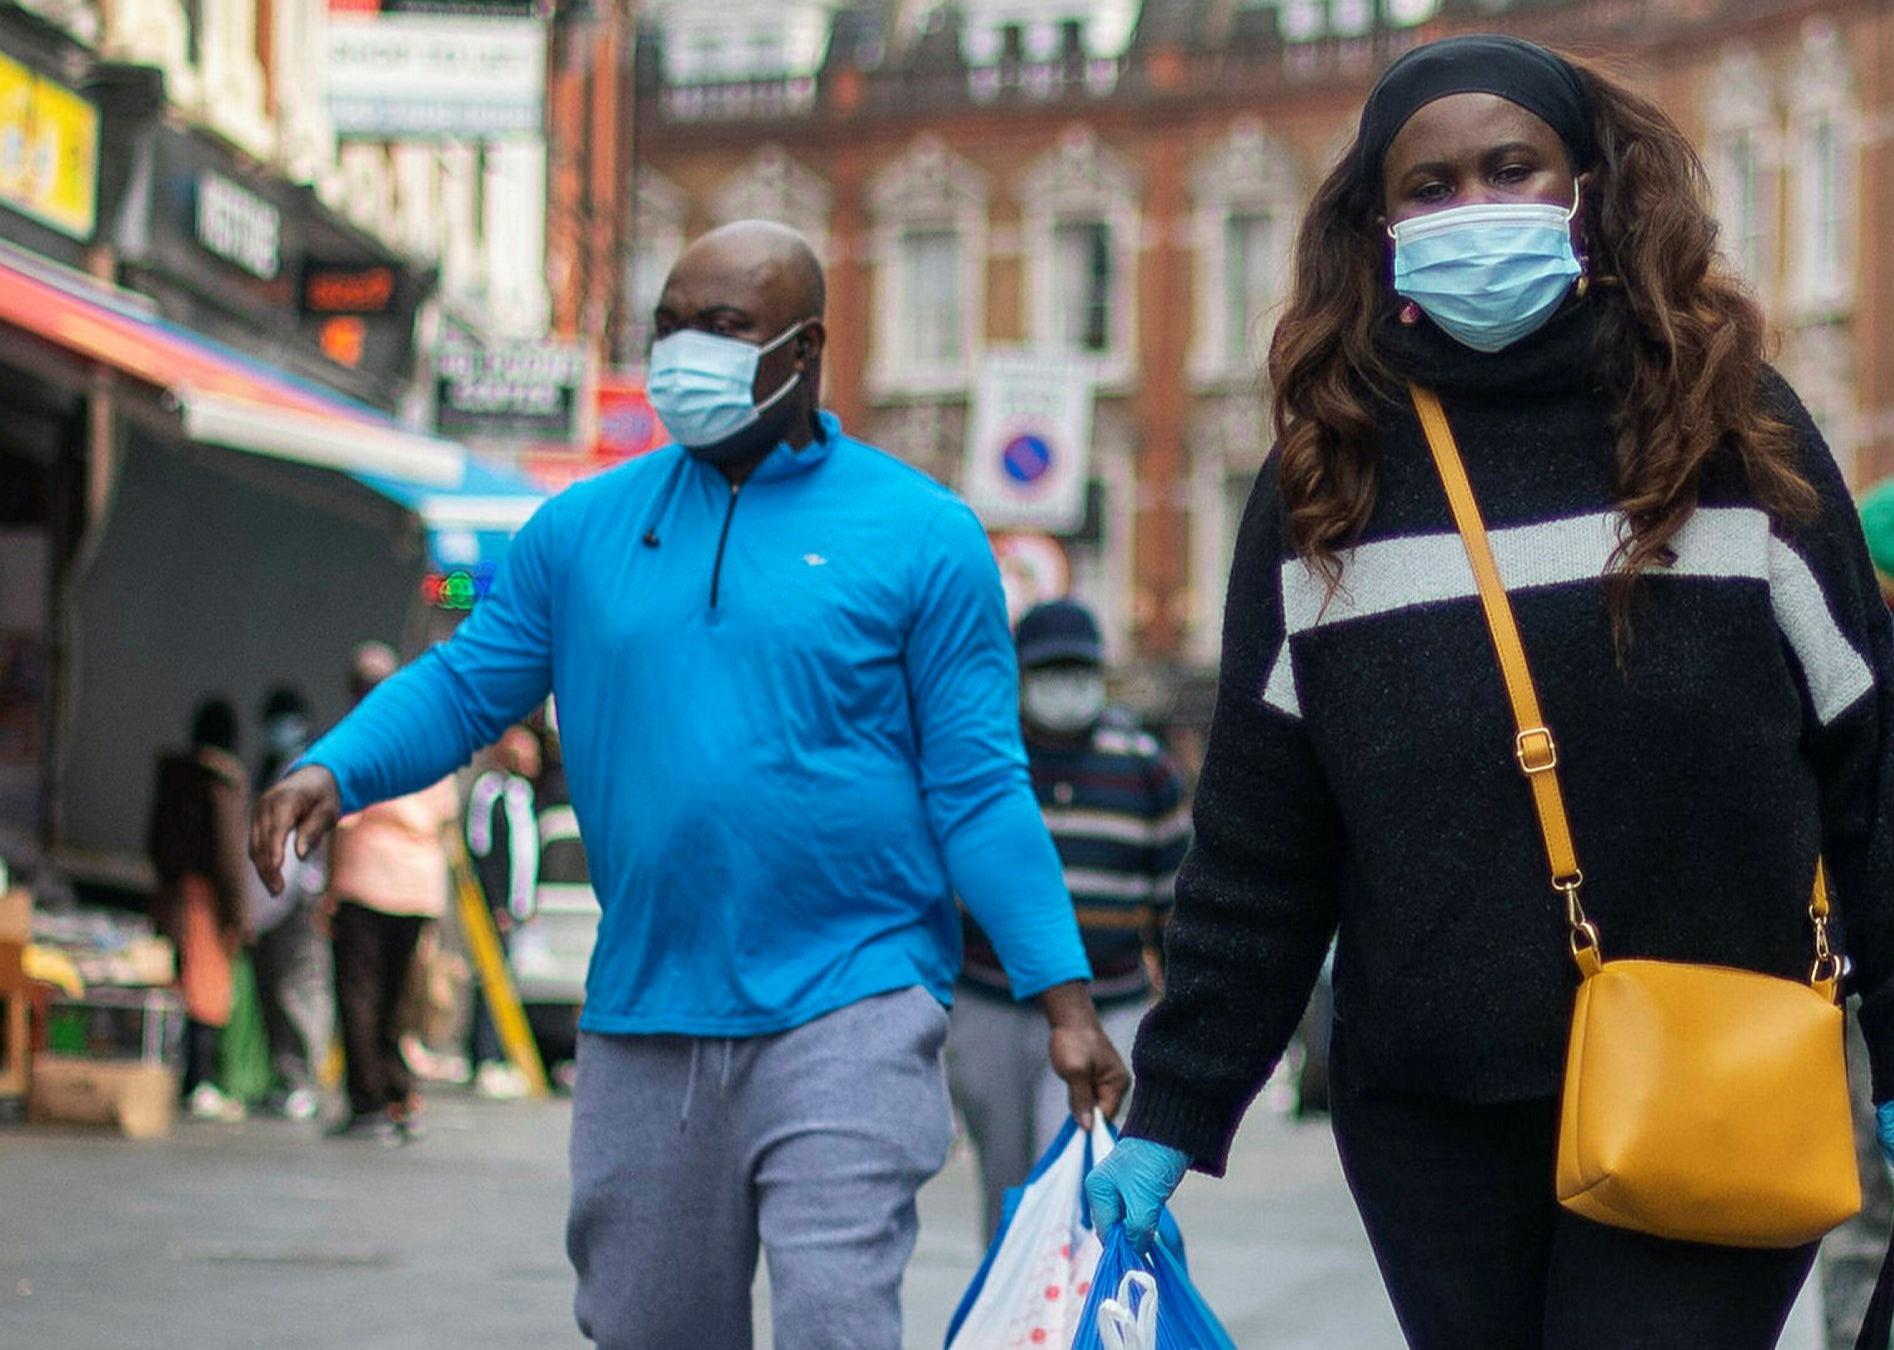 بريطانيا تسجل أعلى حصيلة يومية للإصابات بكوفيد-19 منذ 15 يناير الماضي